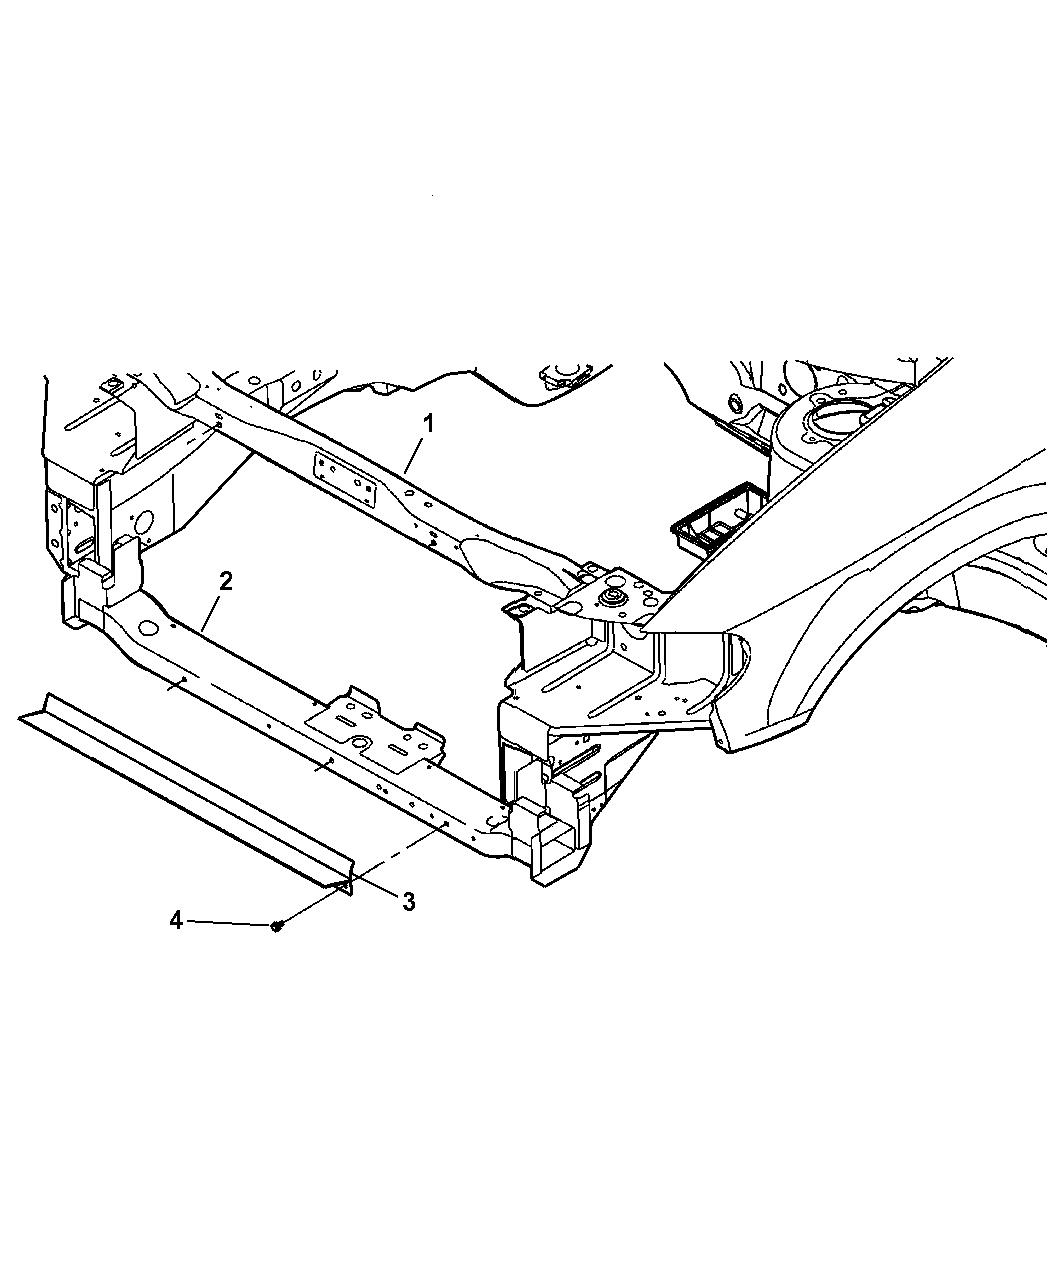 Dodge Grand Caravan Radiator Support